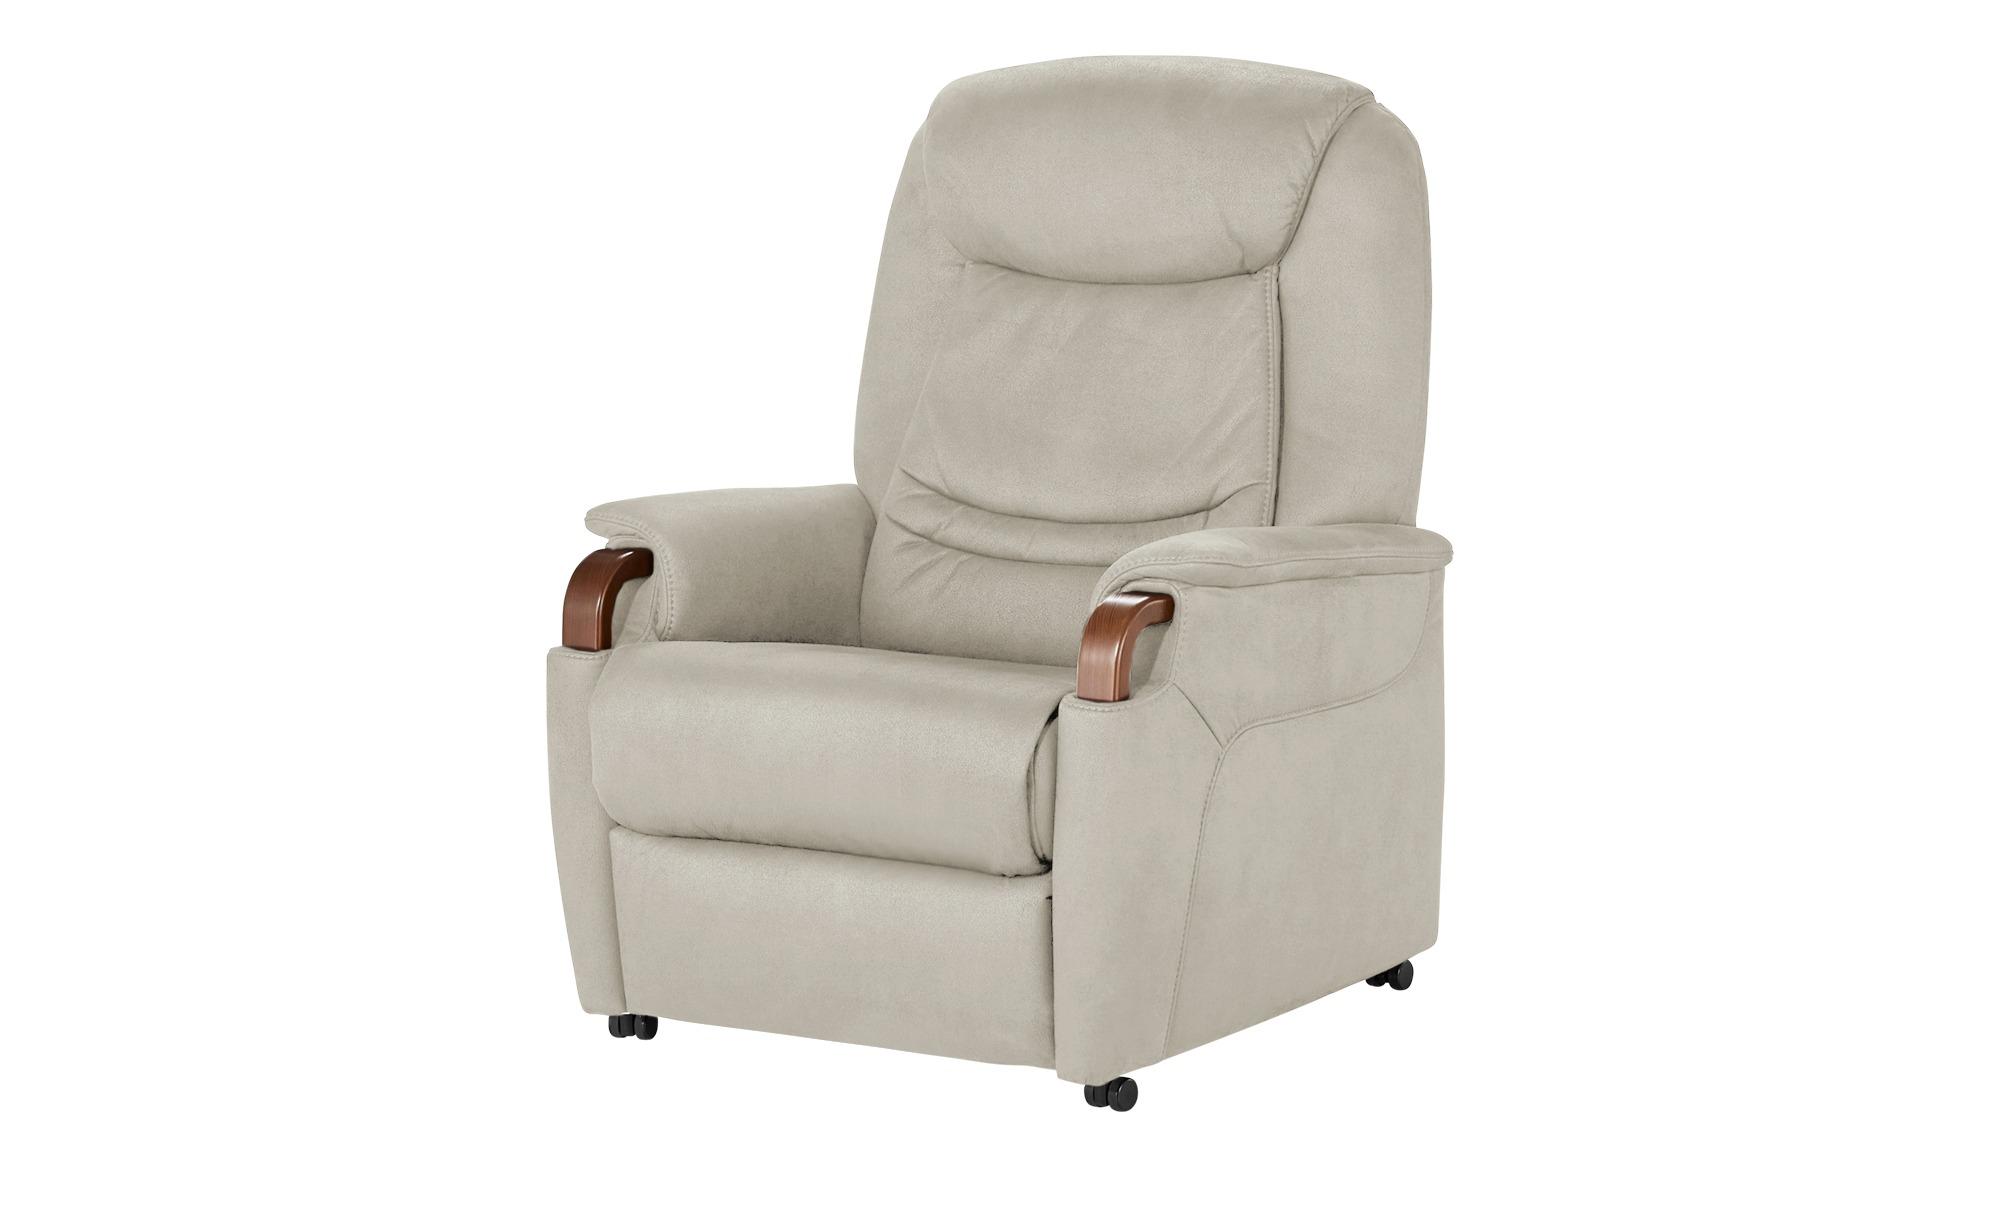 Hukla Relaxsessel  Jonas ¦ beige ¦ Maße (cm): B: 83 H: 106 T: 82 Polstermöbel > Sessel > Fernsehsessel - Höffner